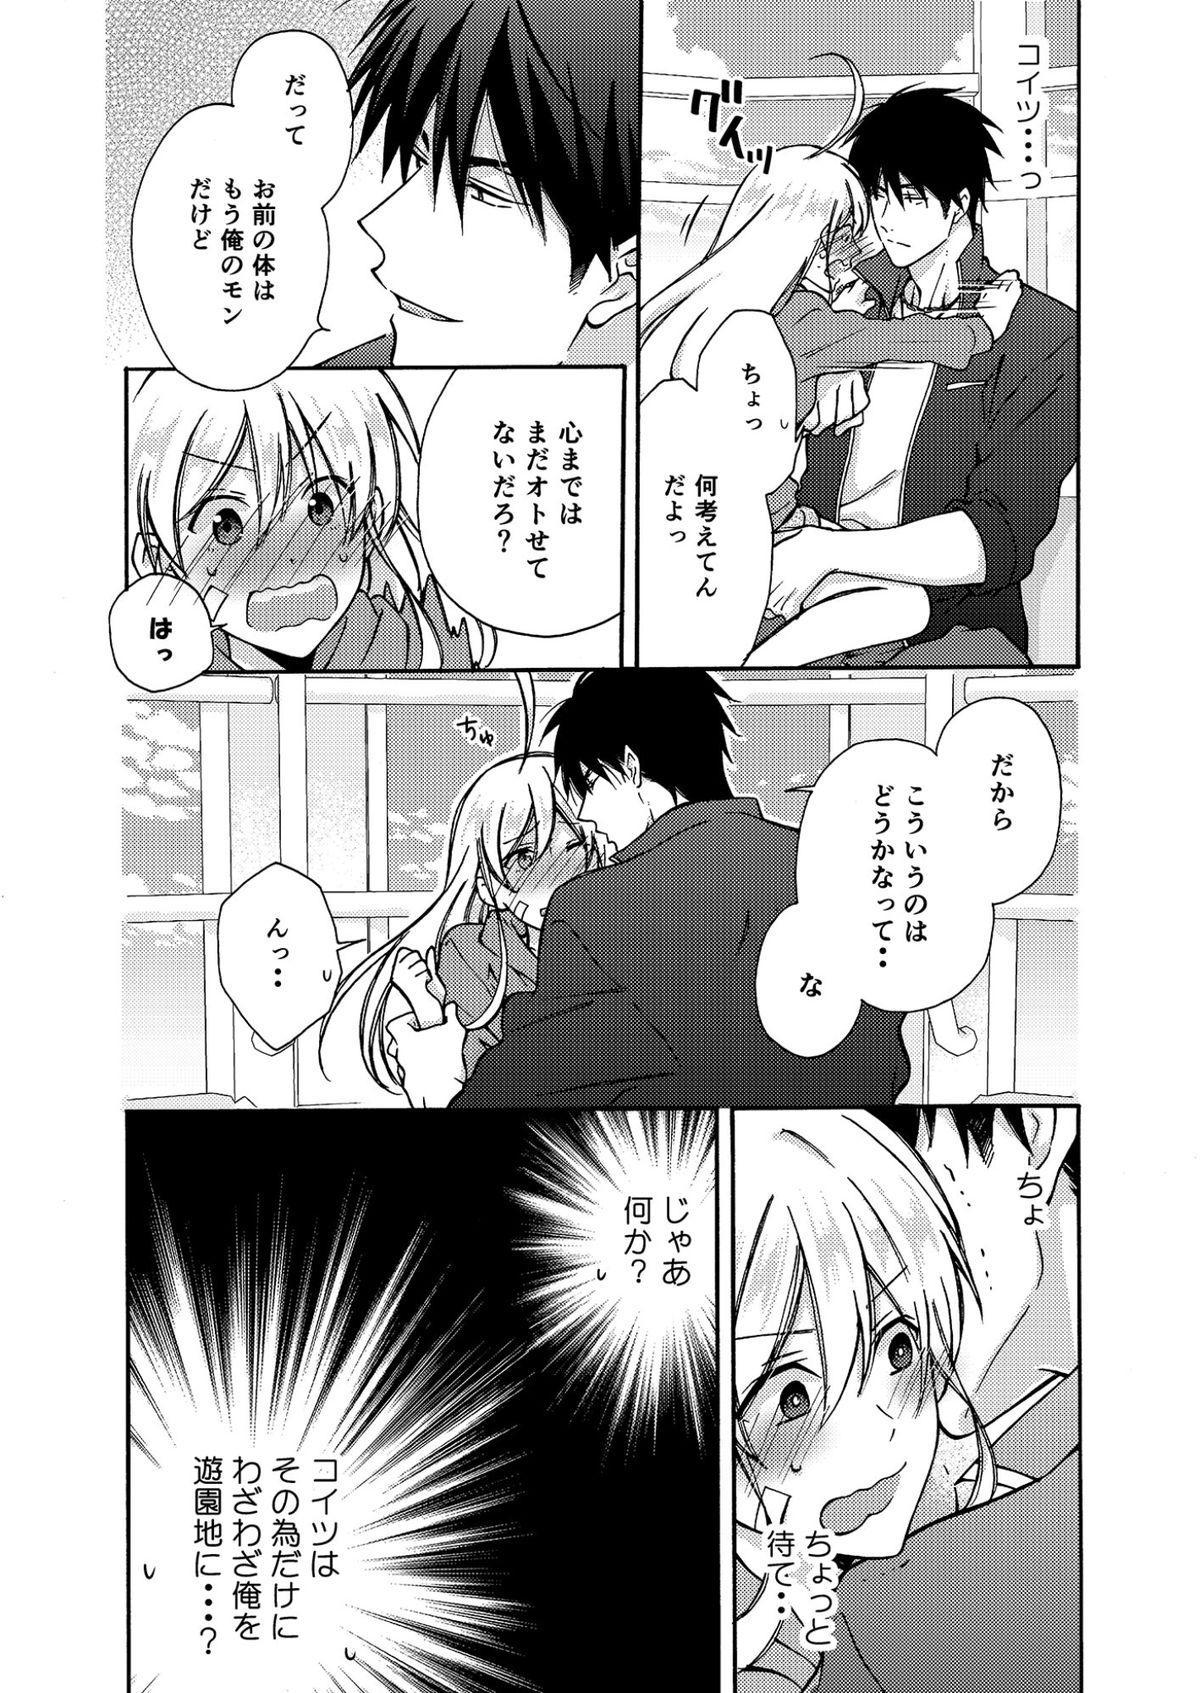 Nyotaika Yankee Gakuen ☆ Ore no Hajimete, Nerawaretemasu. 4 24